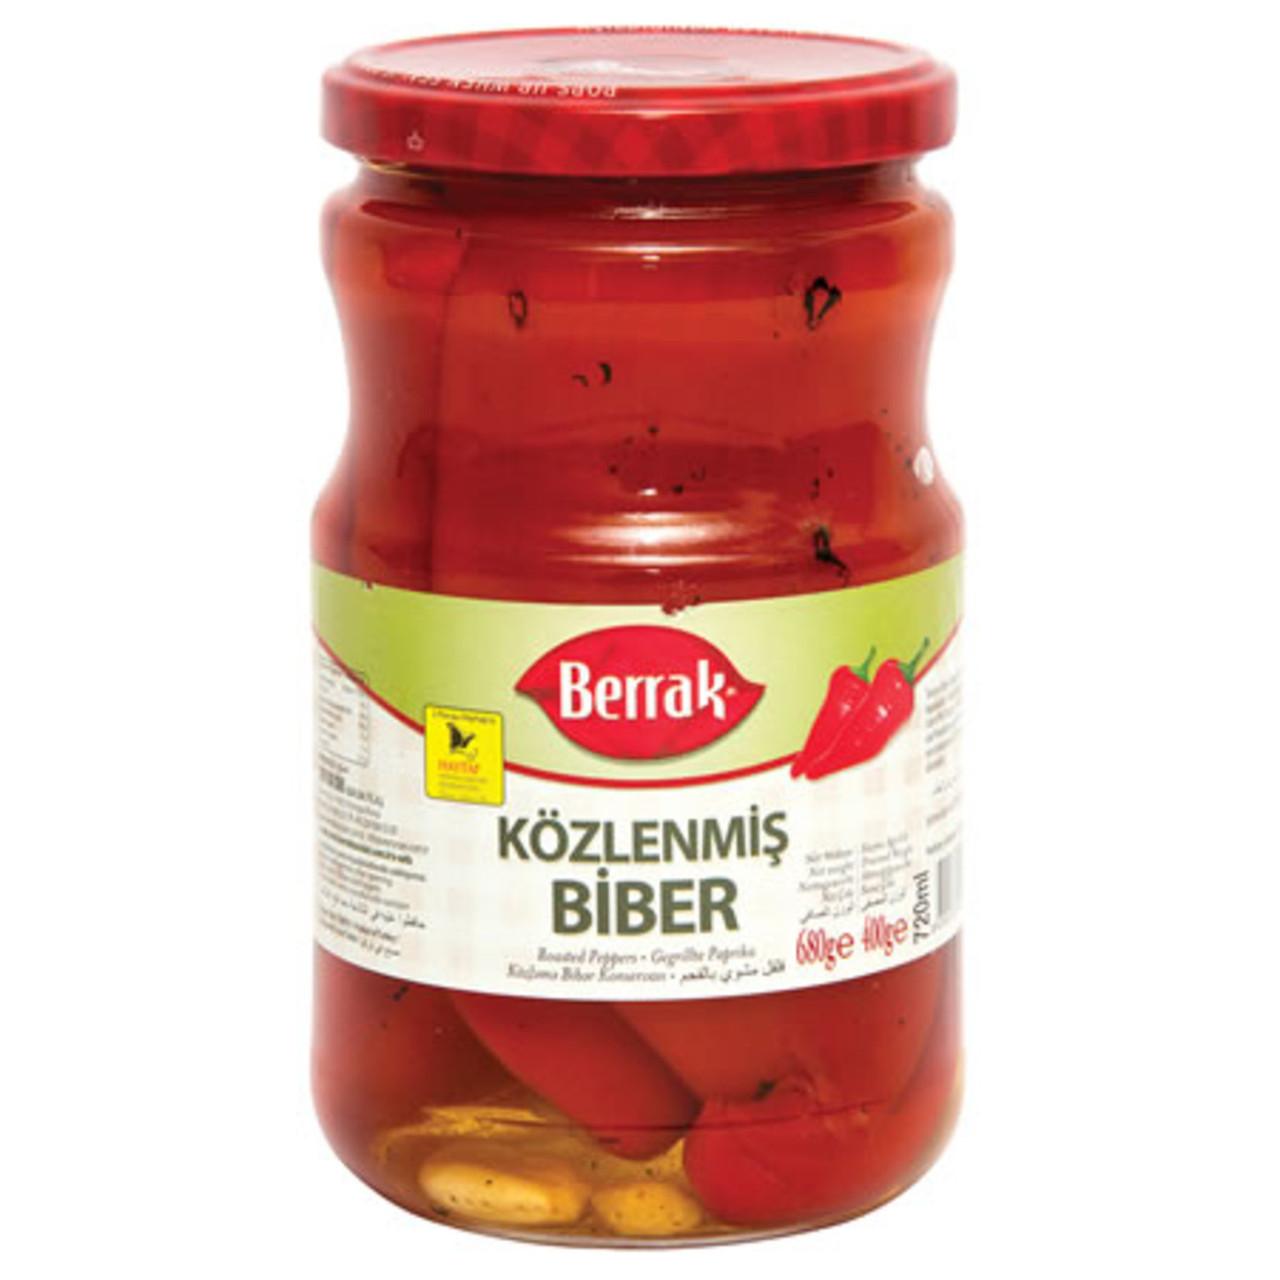 BERRAK Roasted Peppers (Kozlenmis Biber) 720g